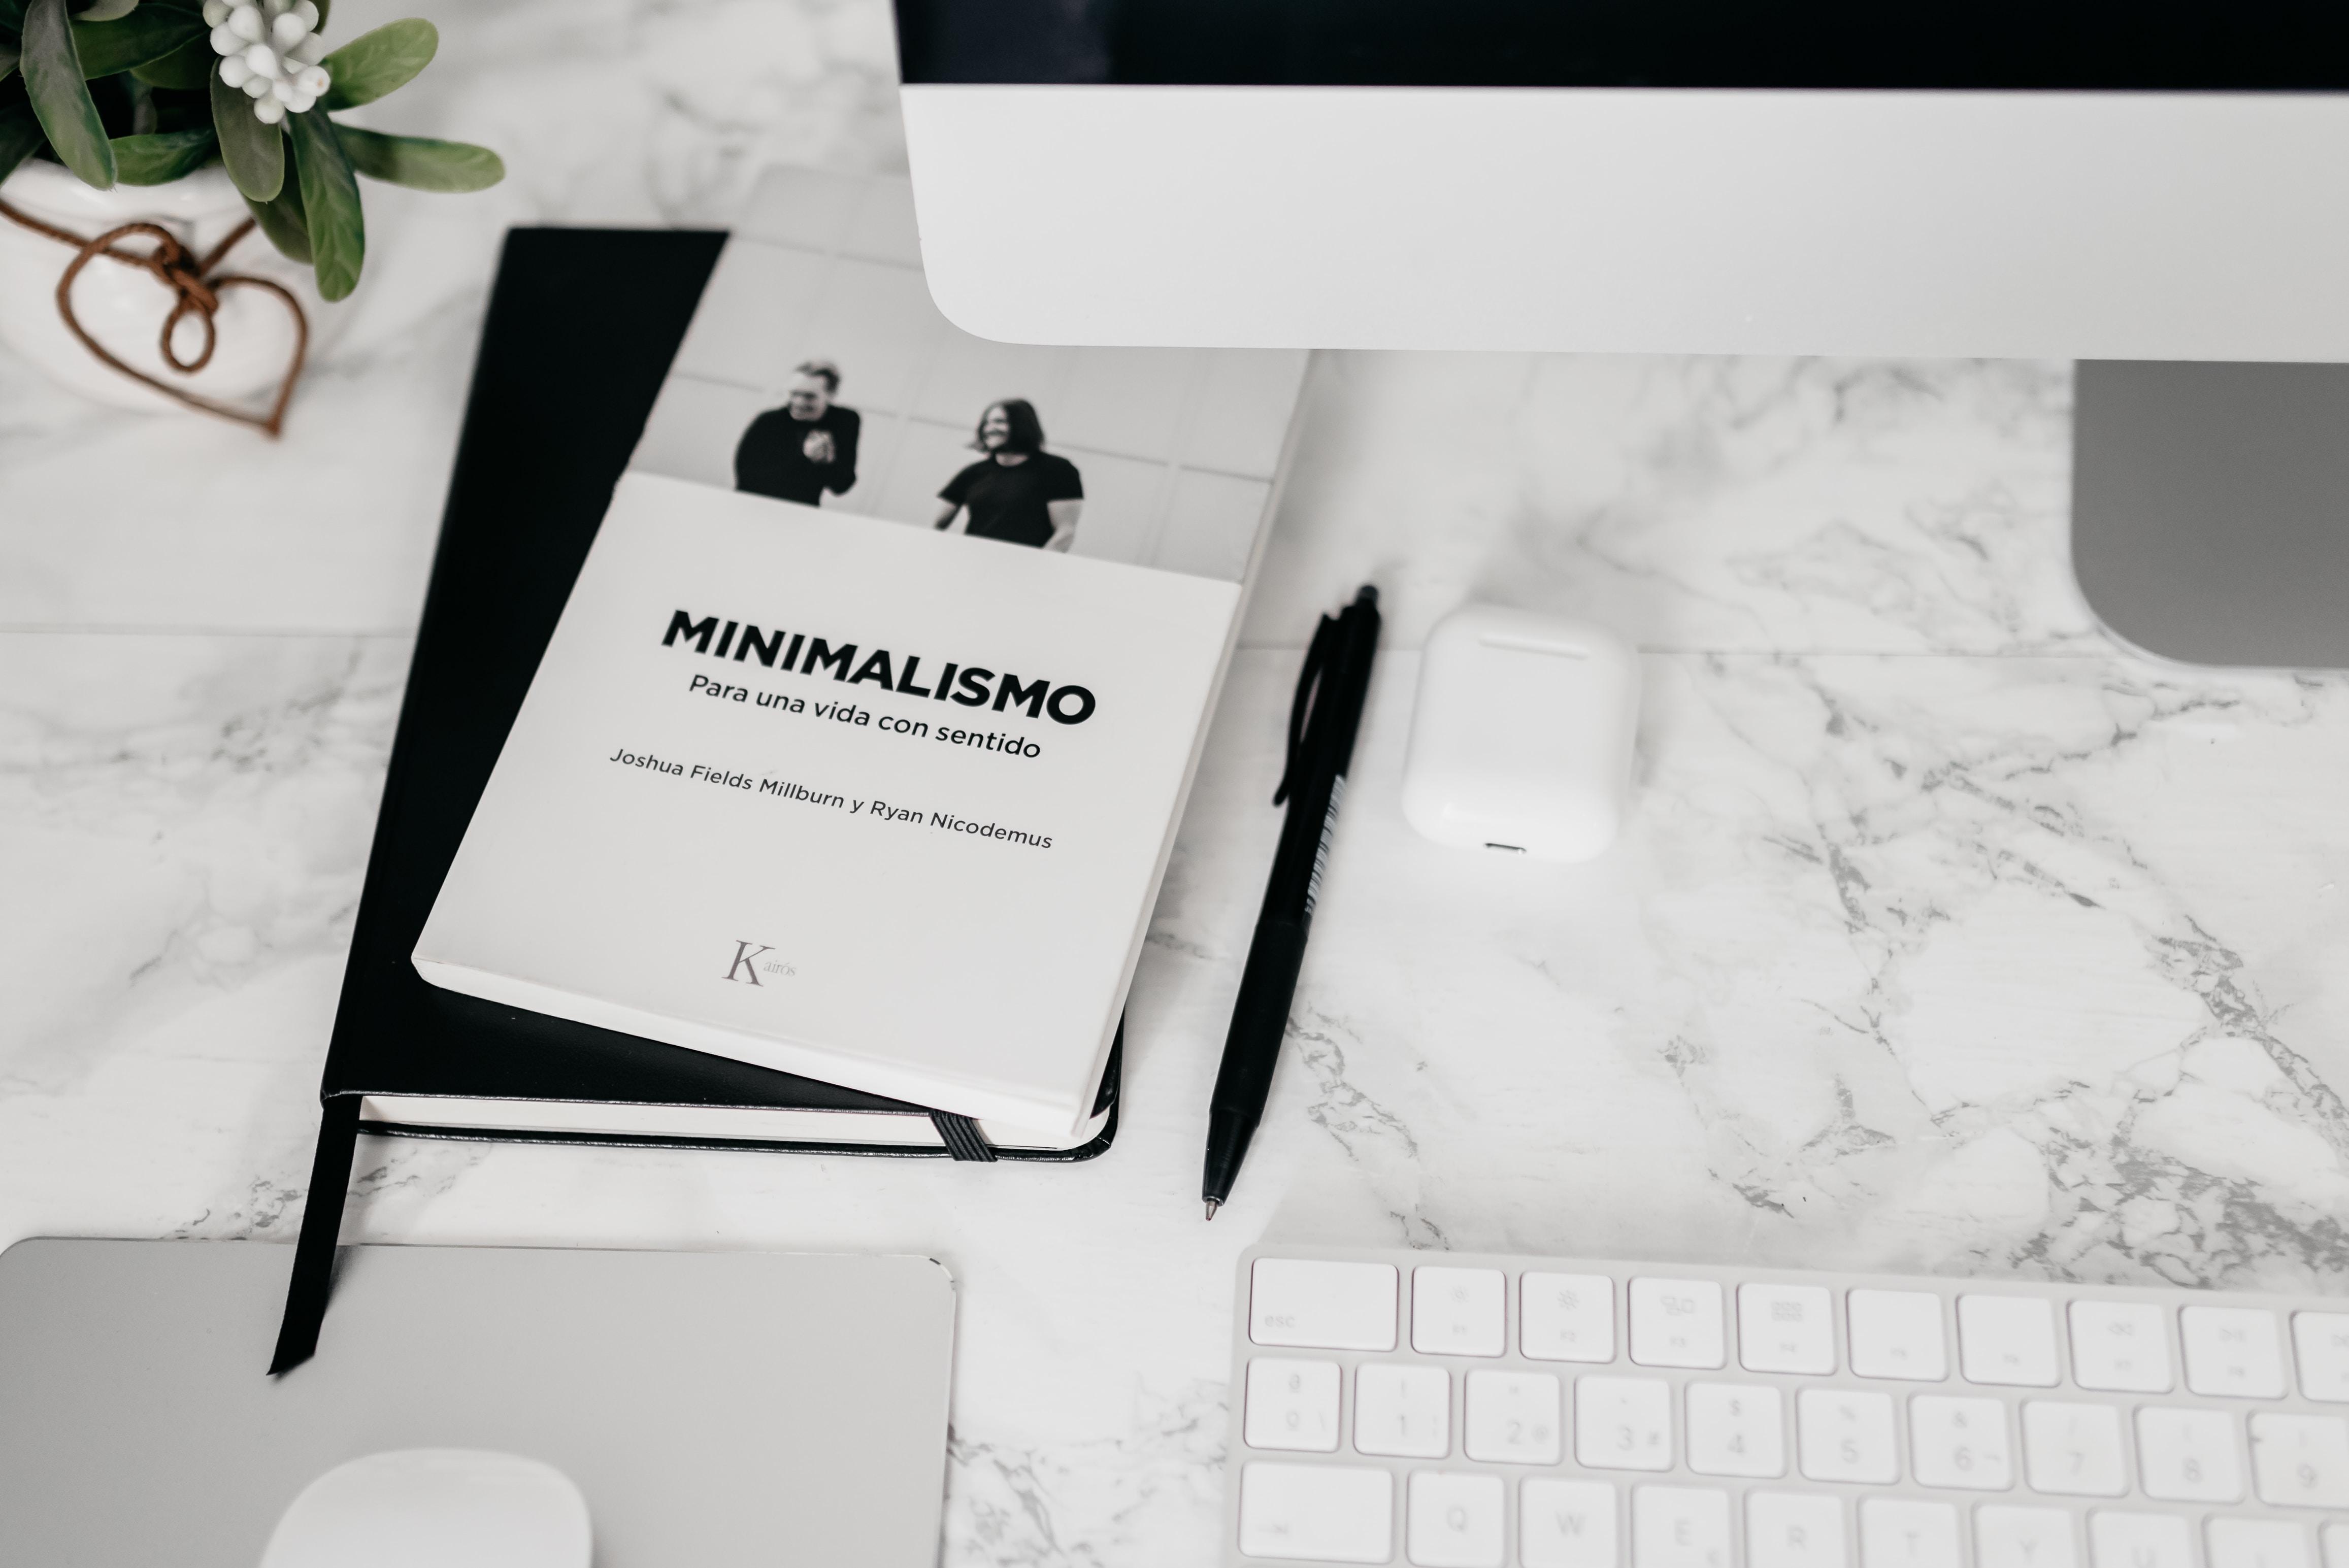 ¿Por qué el minimalismo?